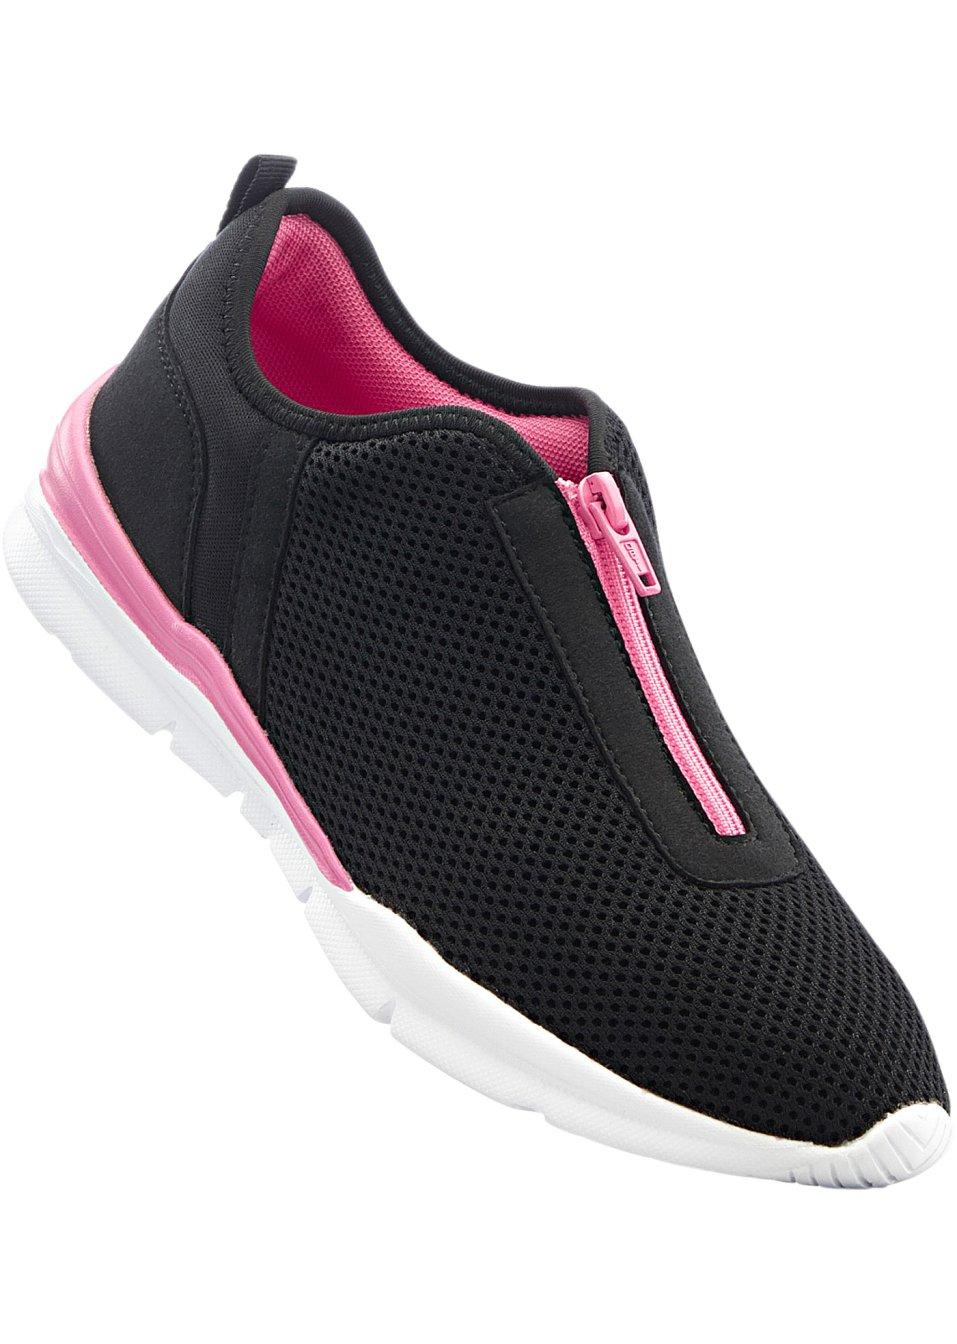 bequemer sneaker in formsch ner optik von bpc schwarz pink. Black Bedroom Furniture Sets. Home Design Ideas